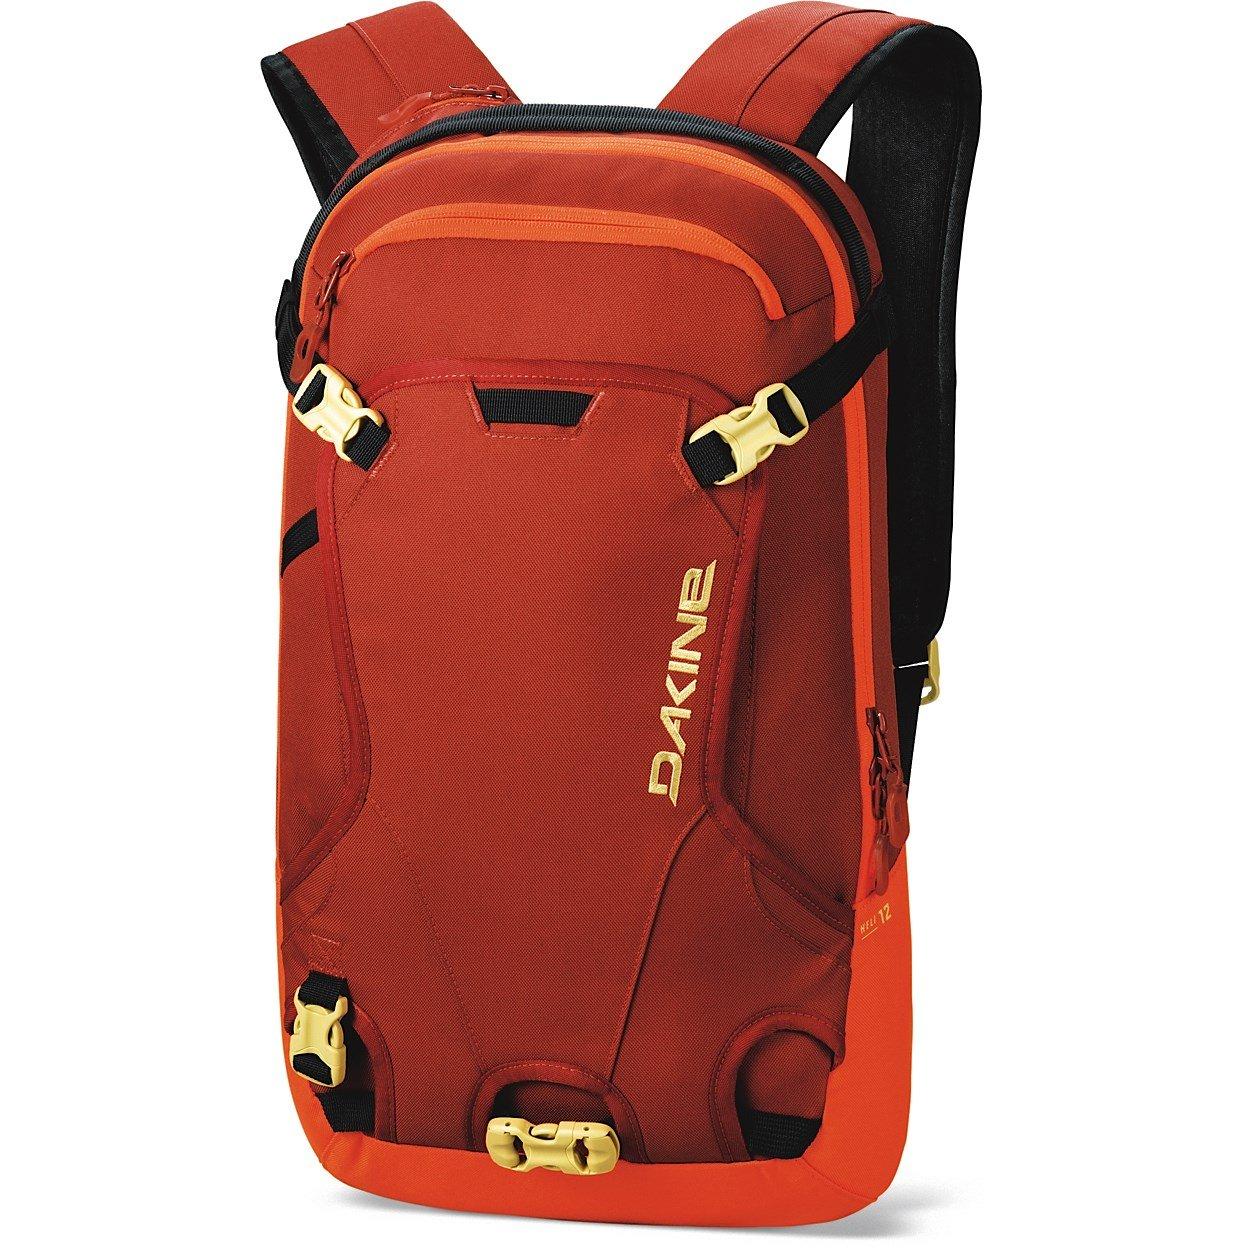 Dakine Heli 12L Backpack | evo